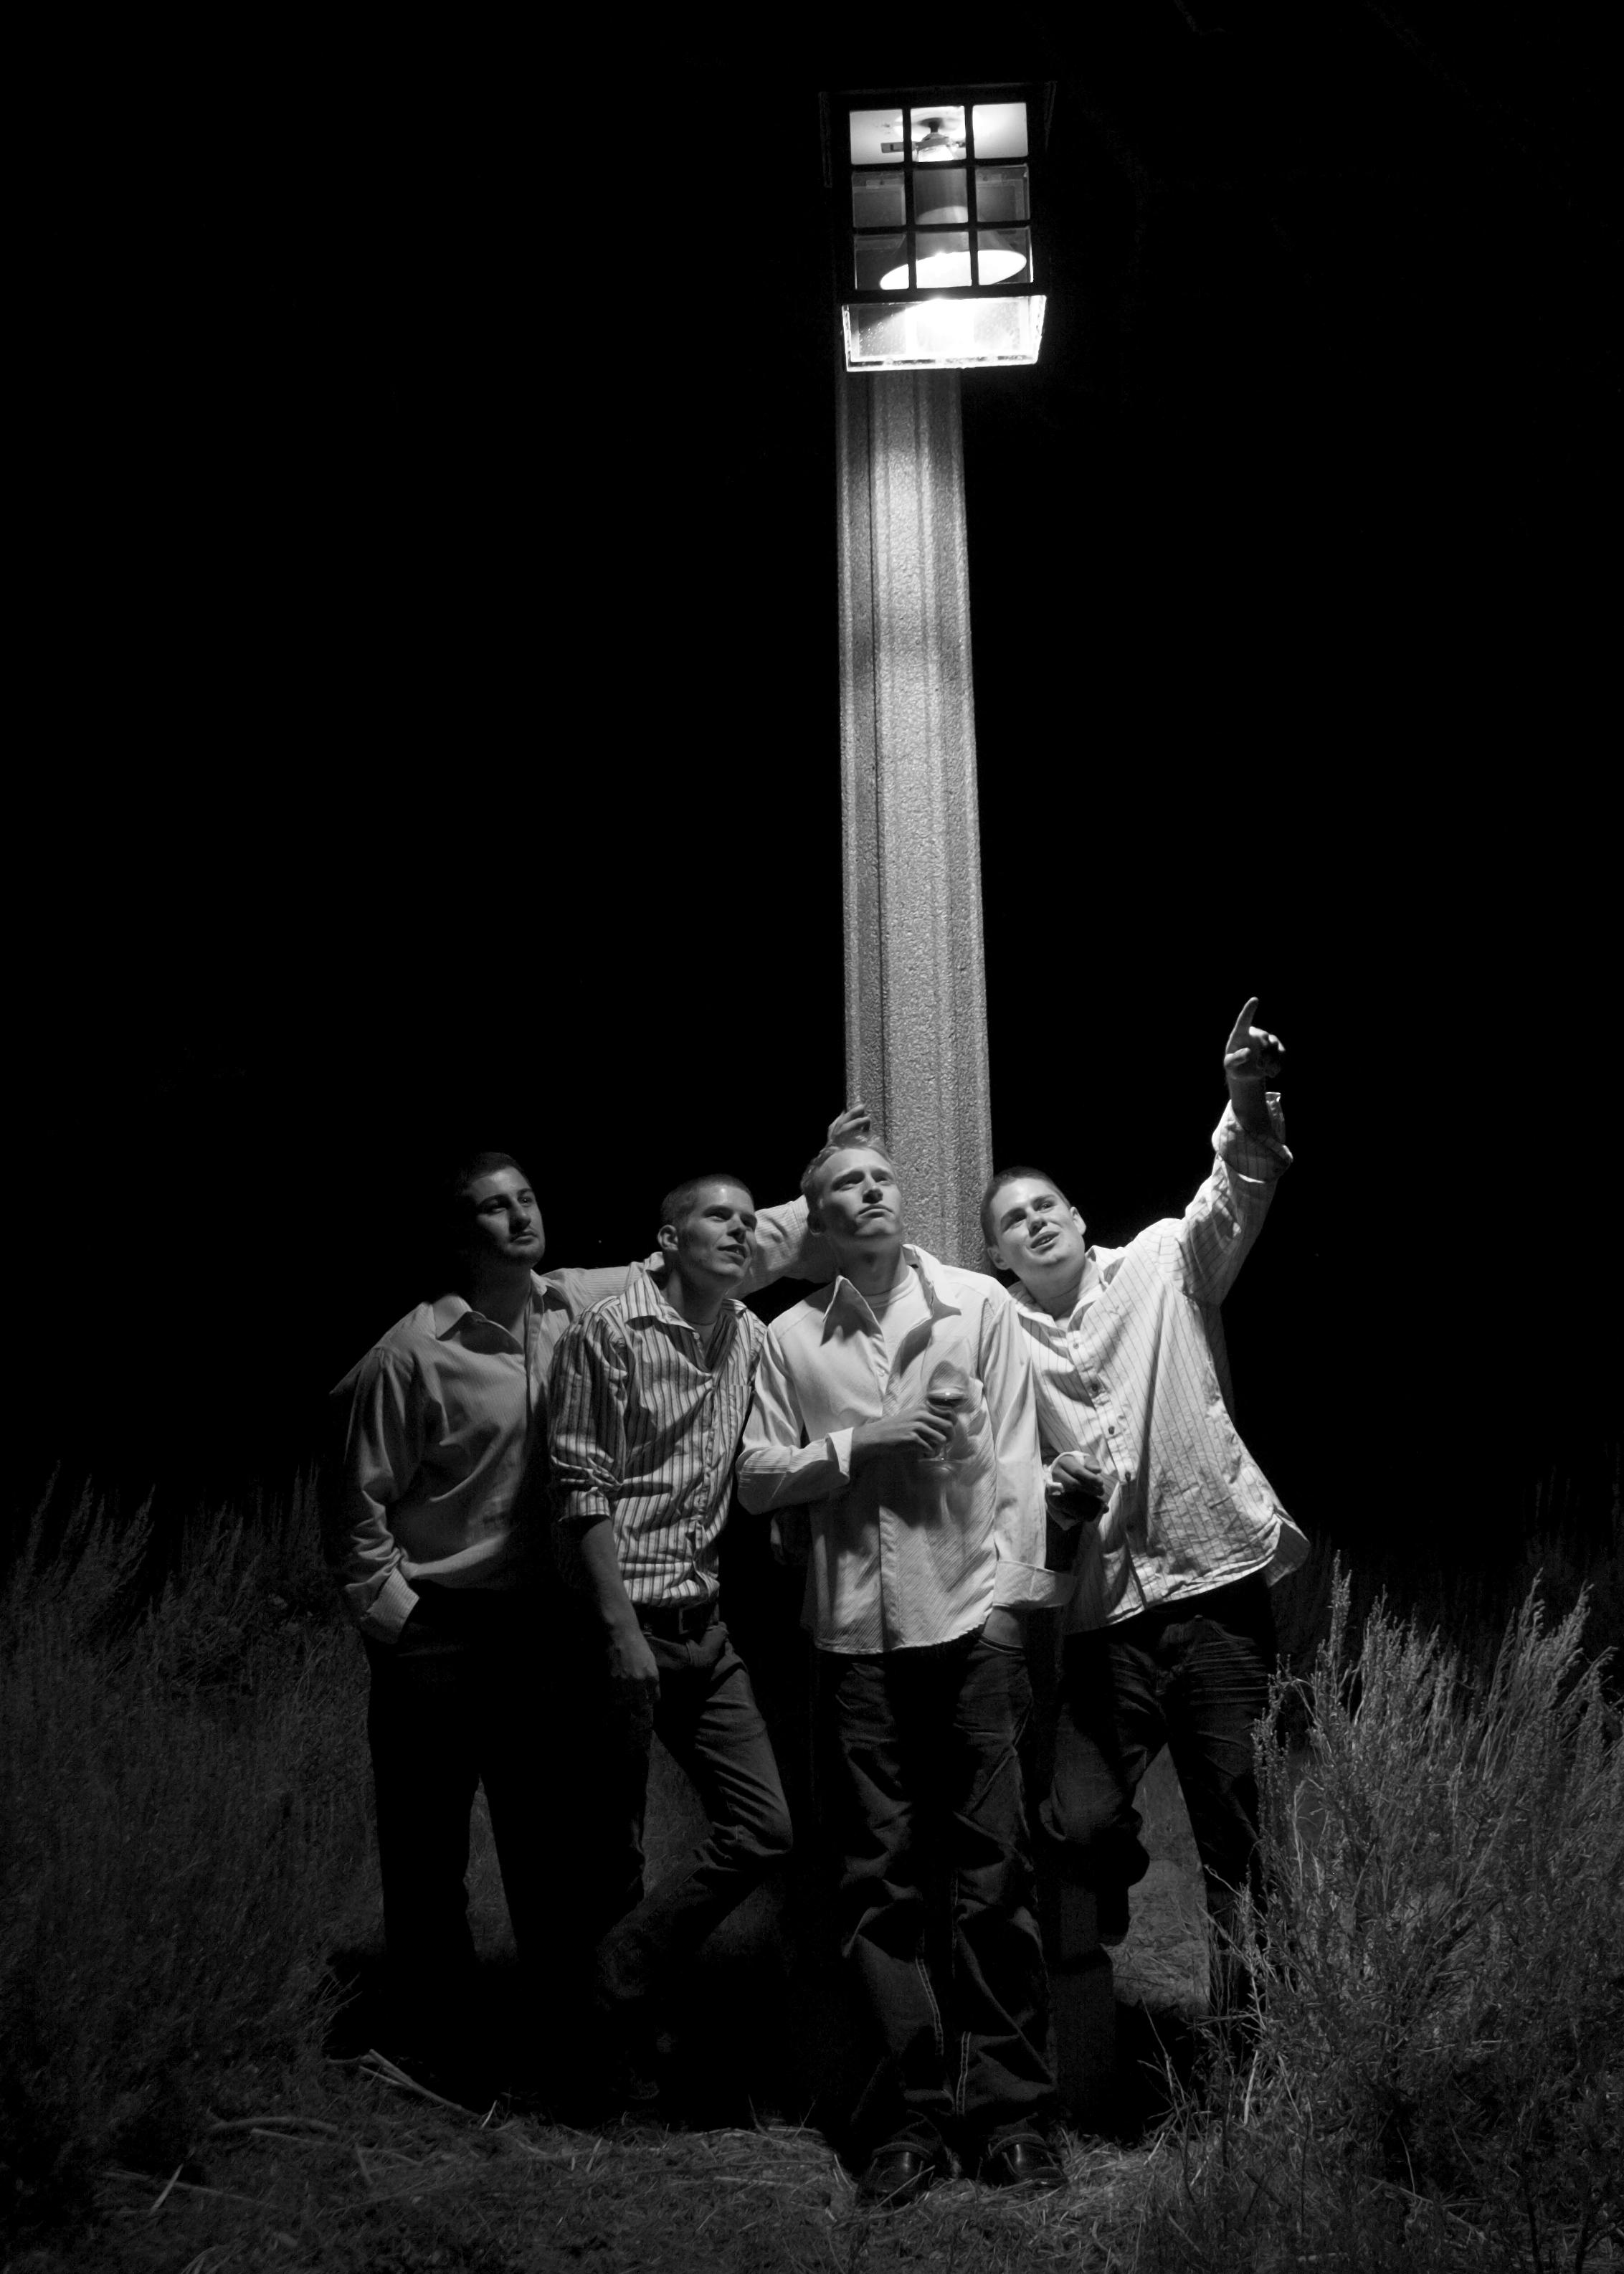 Wedding Photographer Groom's Men 5535